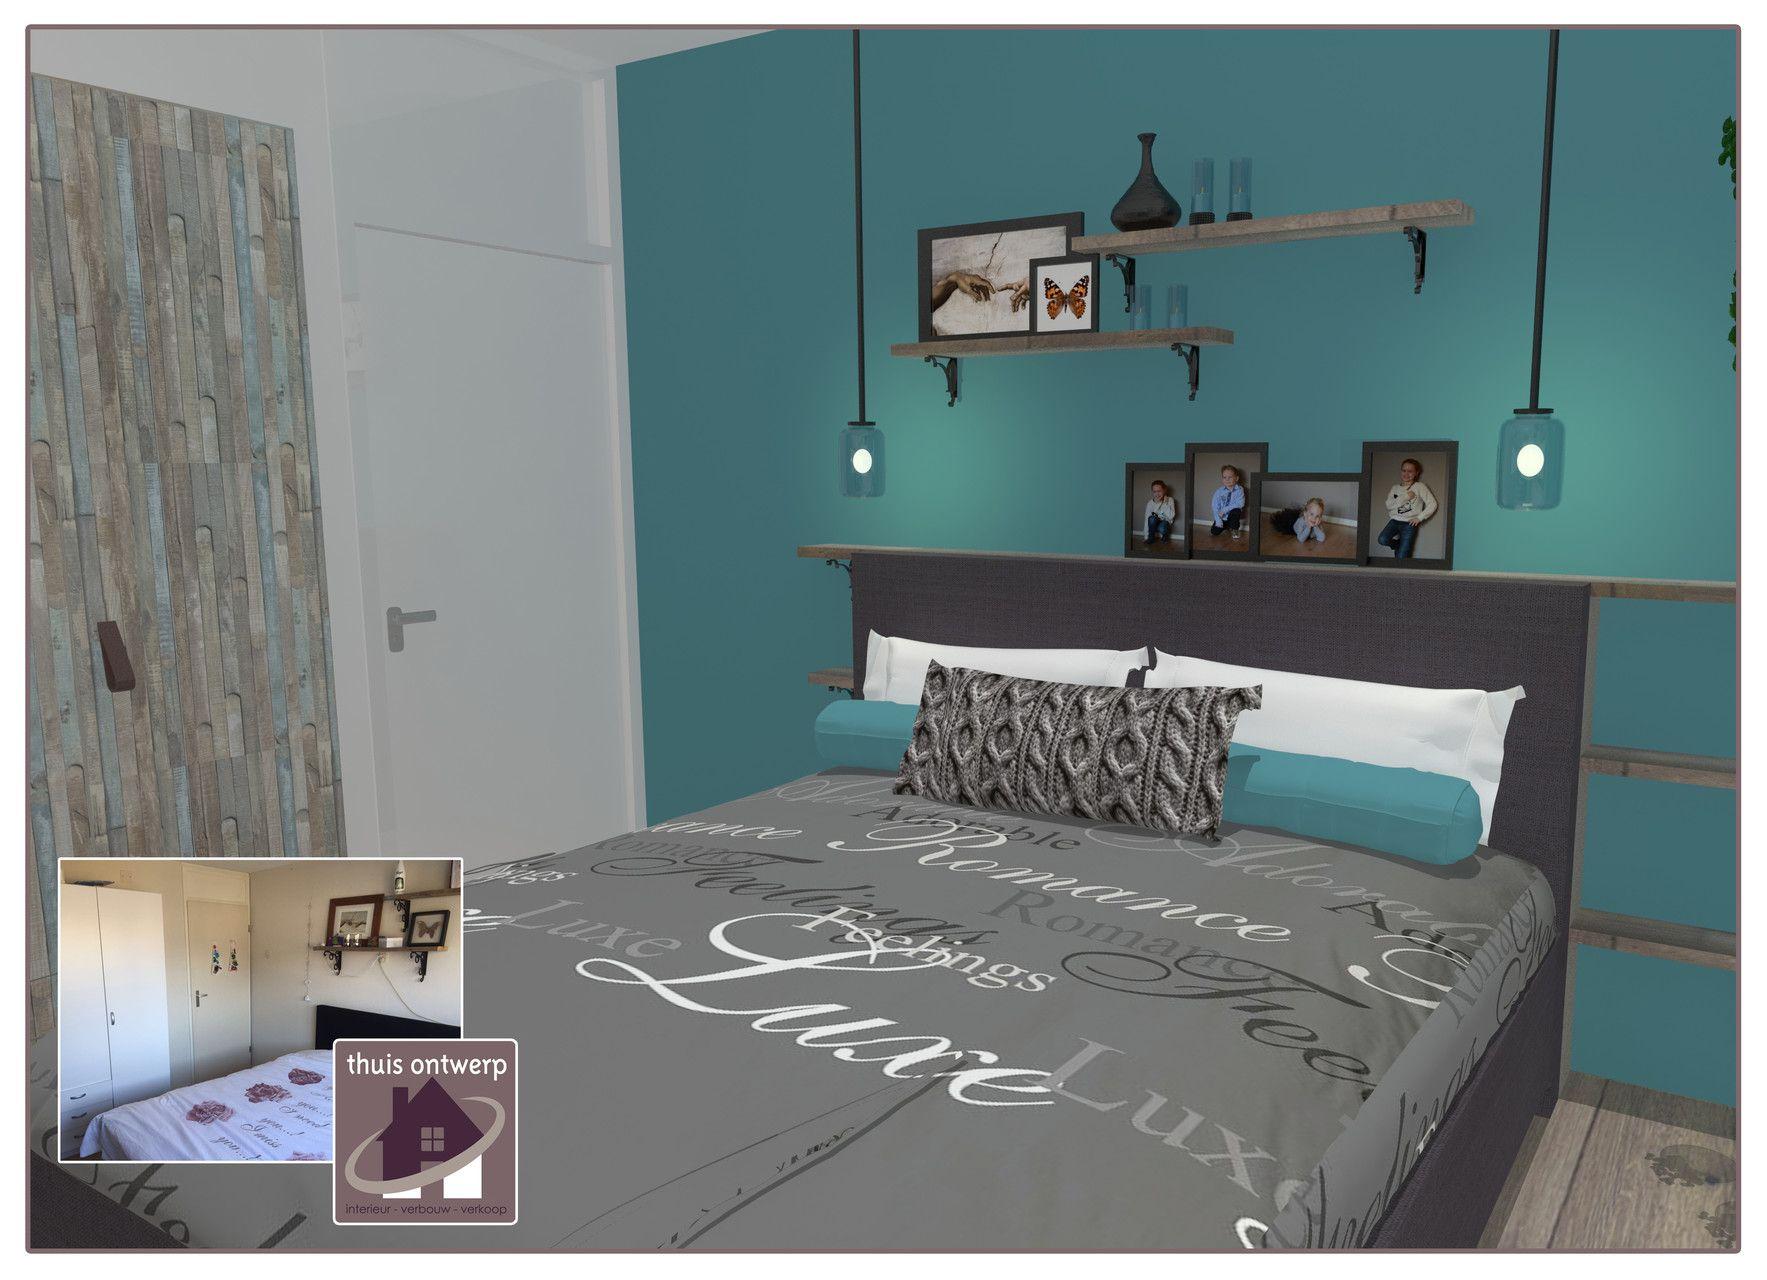 Slaapkamer Digitaal Inrichten : Slaapkamer l blauwgroen l budget aanpassingen l digitale restyling